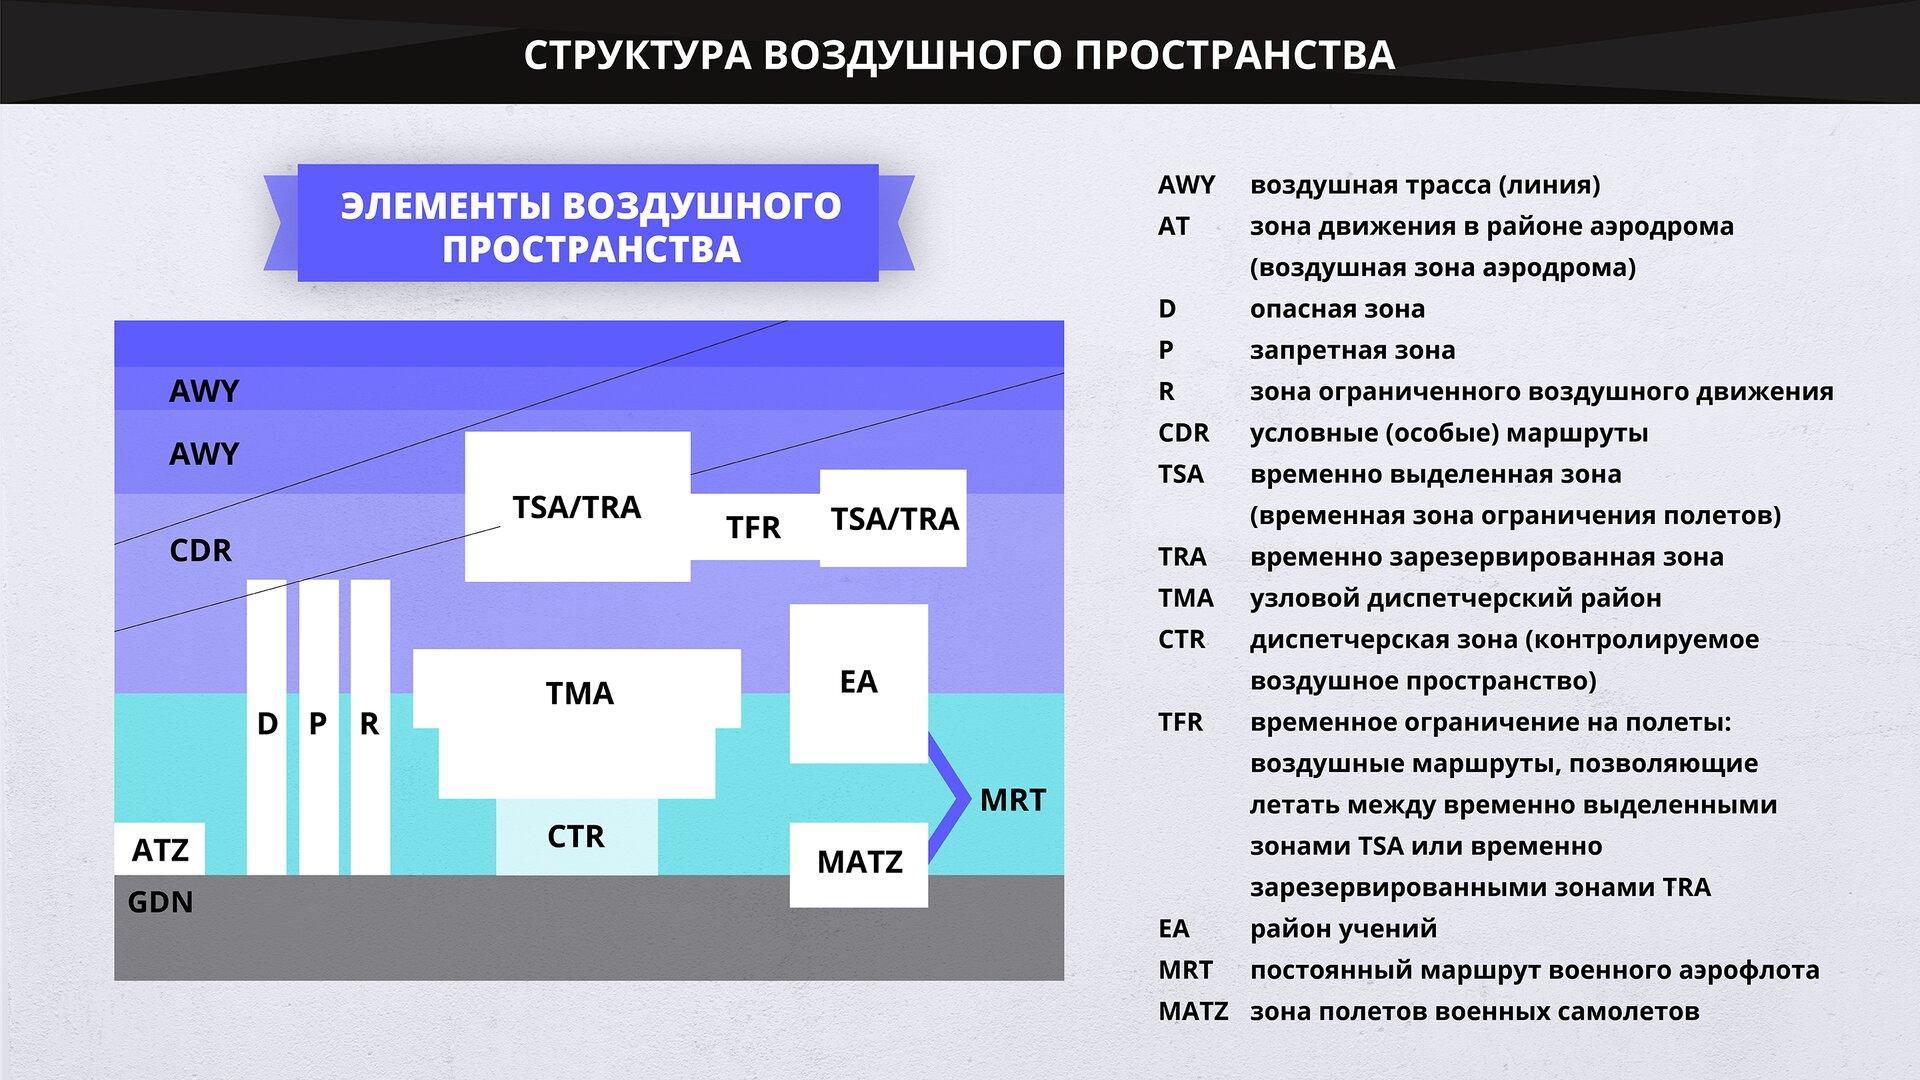 На изображении представлено расположение элементов воздушного пространства. Grafika przedstawia umiejscowienie elementów przestrzeni powietrznej.